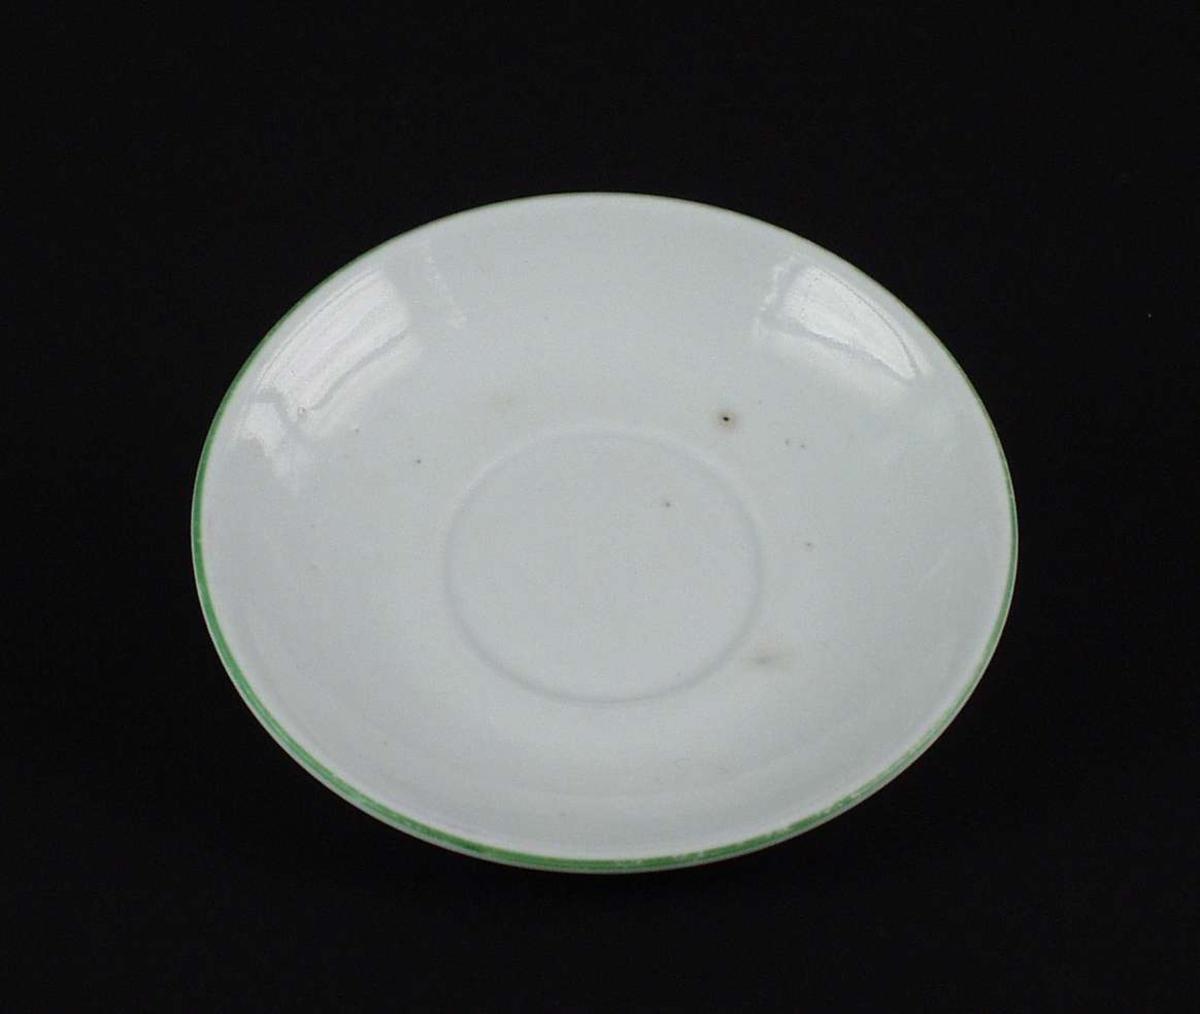 Hvit skål med grønn rand langs kanten.